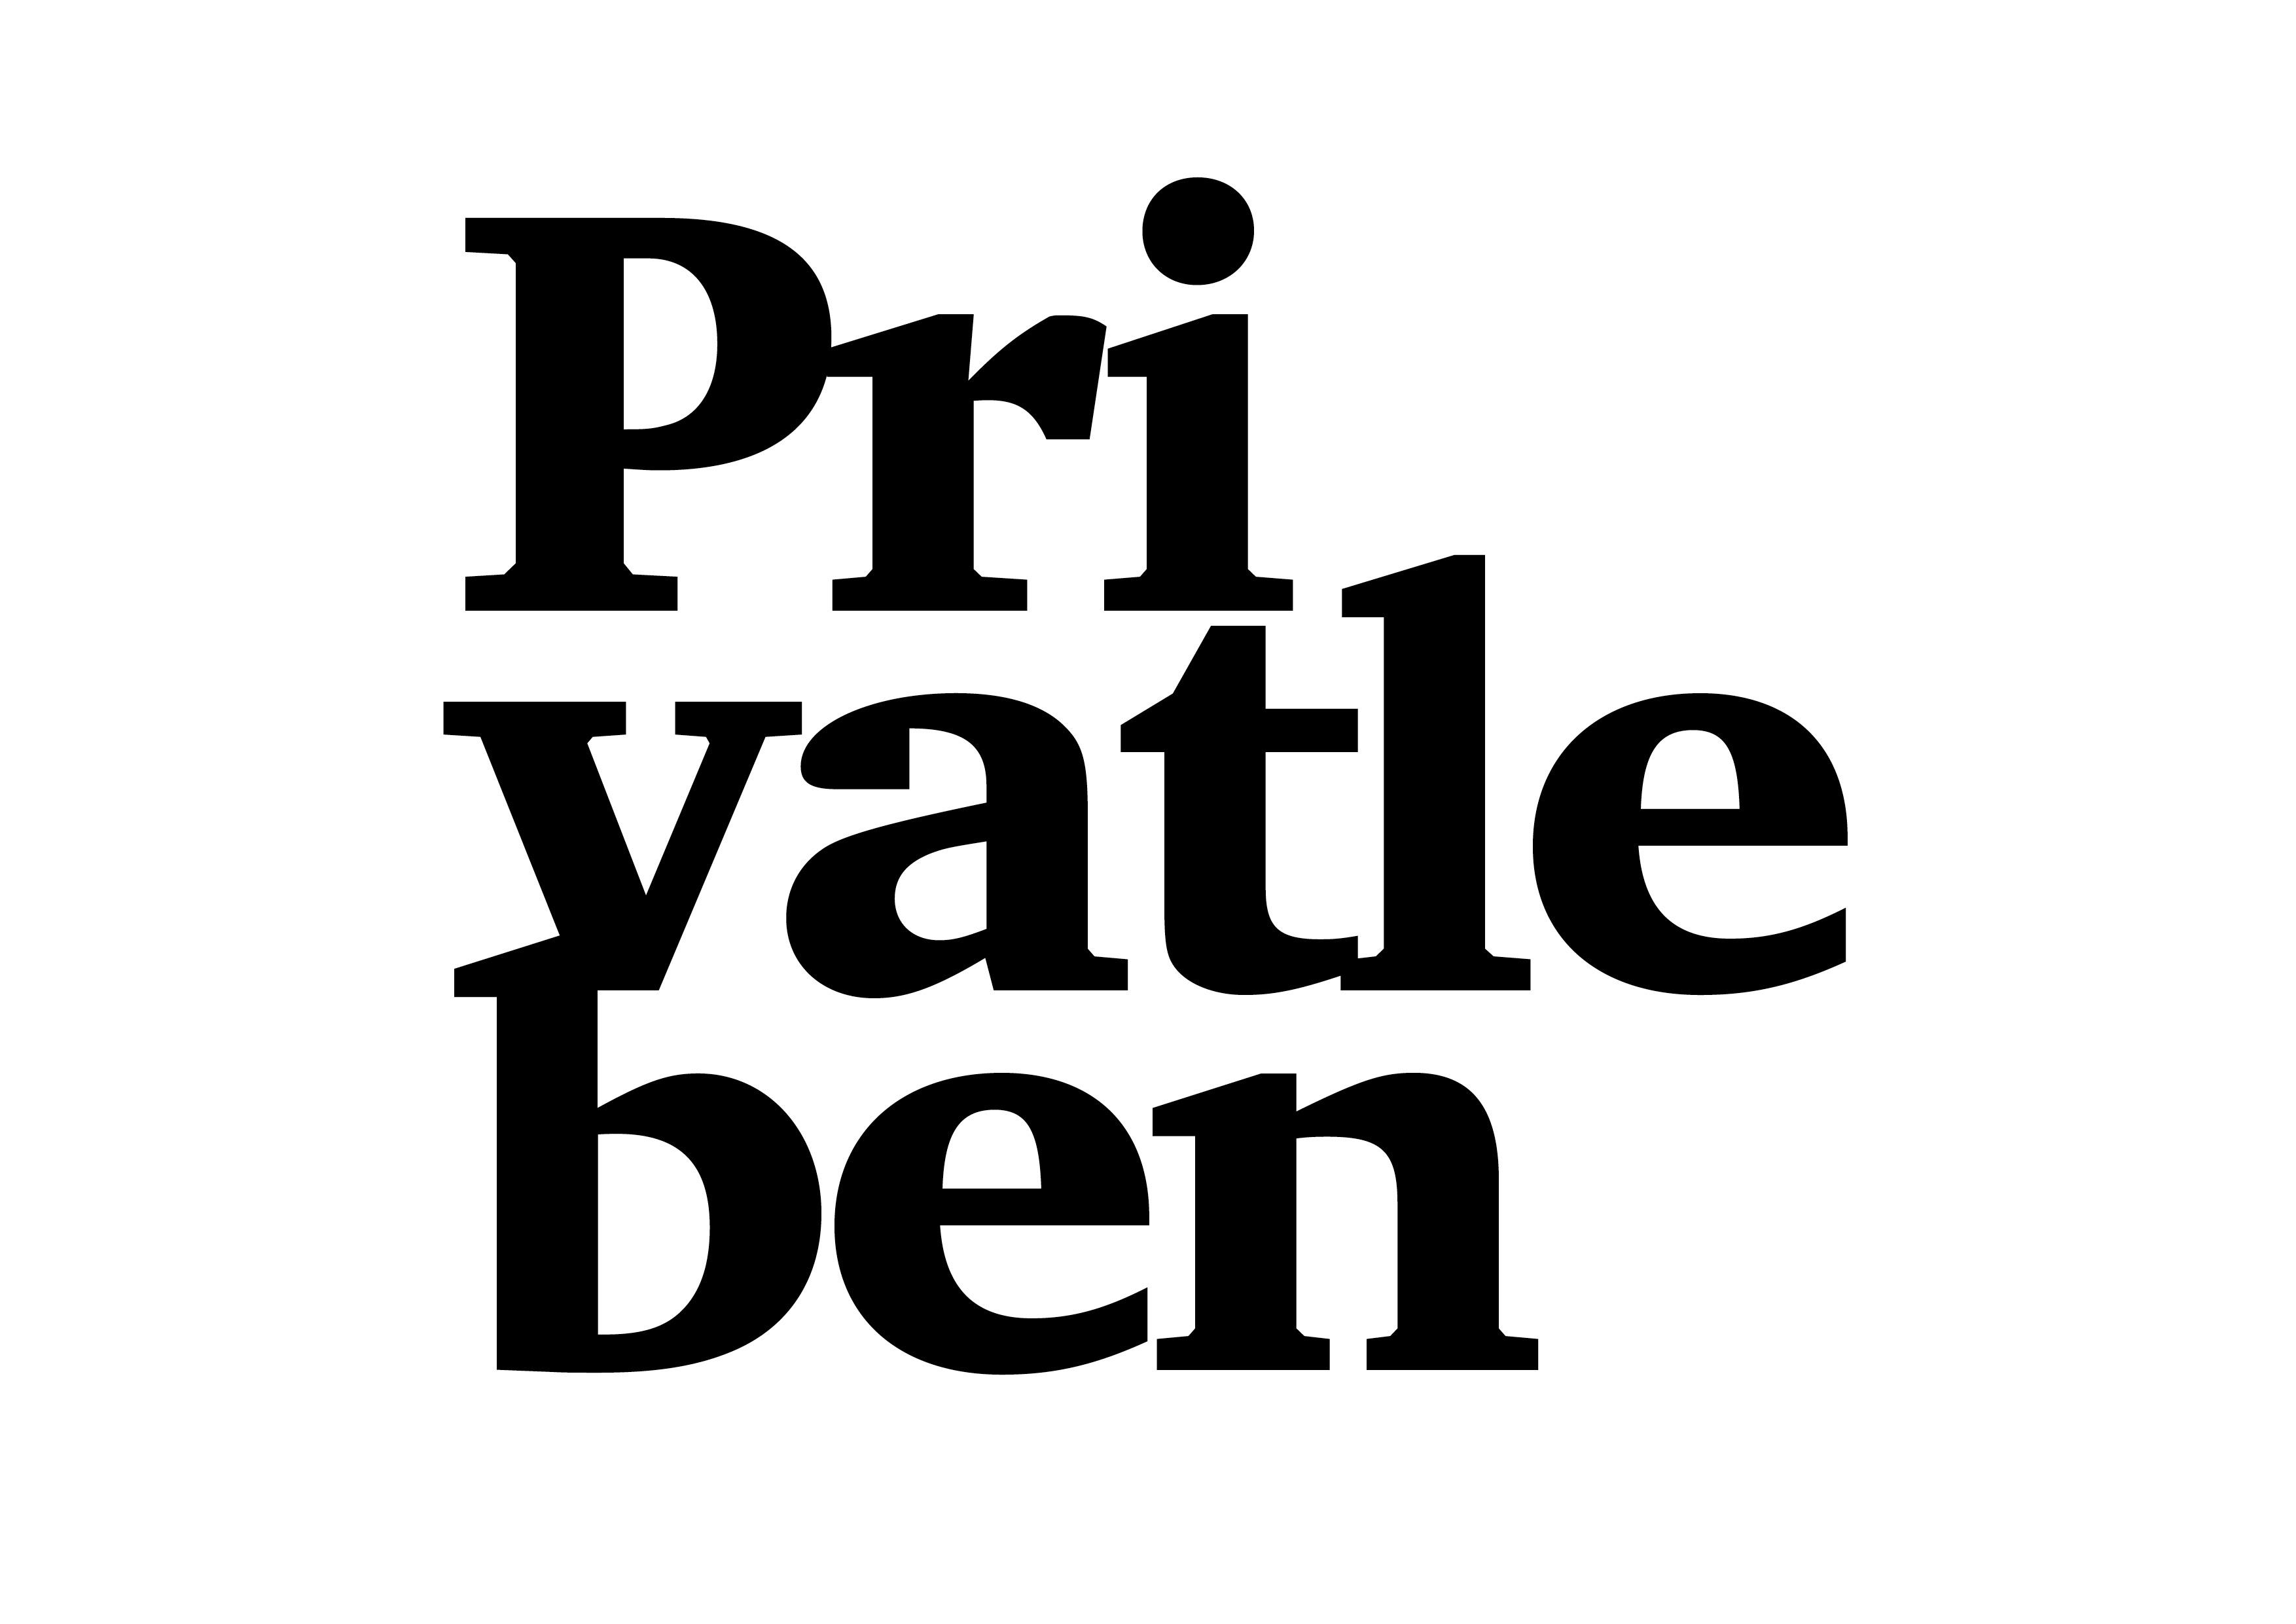 Privatleben_A4